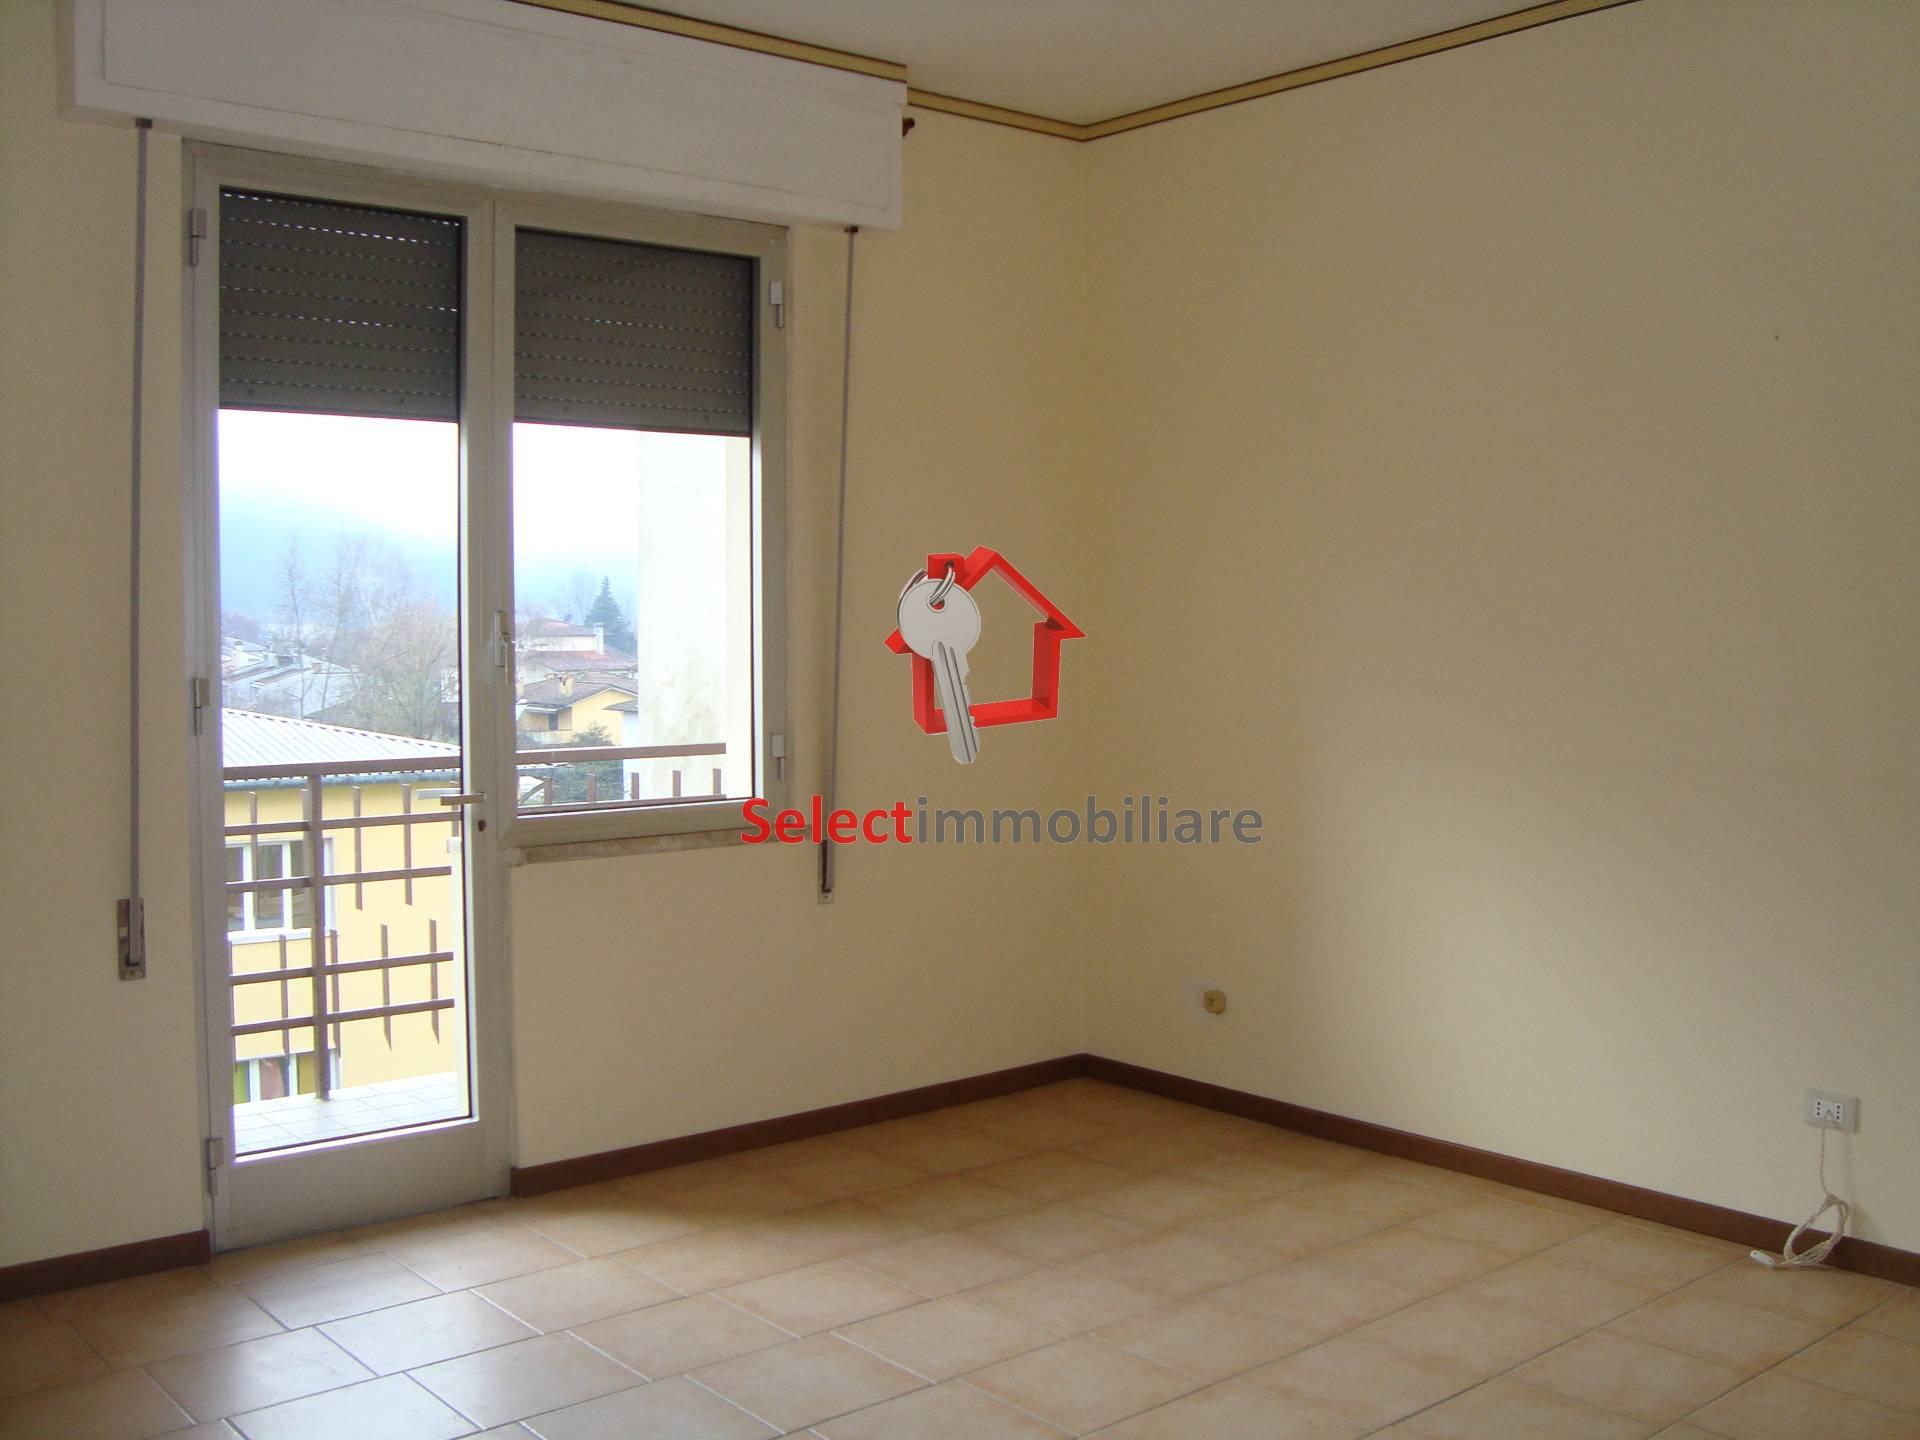 Appartamento in affitto a Bagni di Lucca, 6 locali, zona Zona: Fornoli, prezzo € 550 | CambioCasa.it